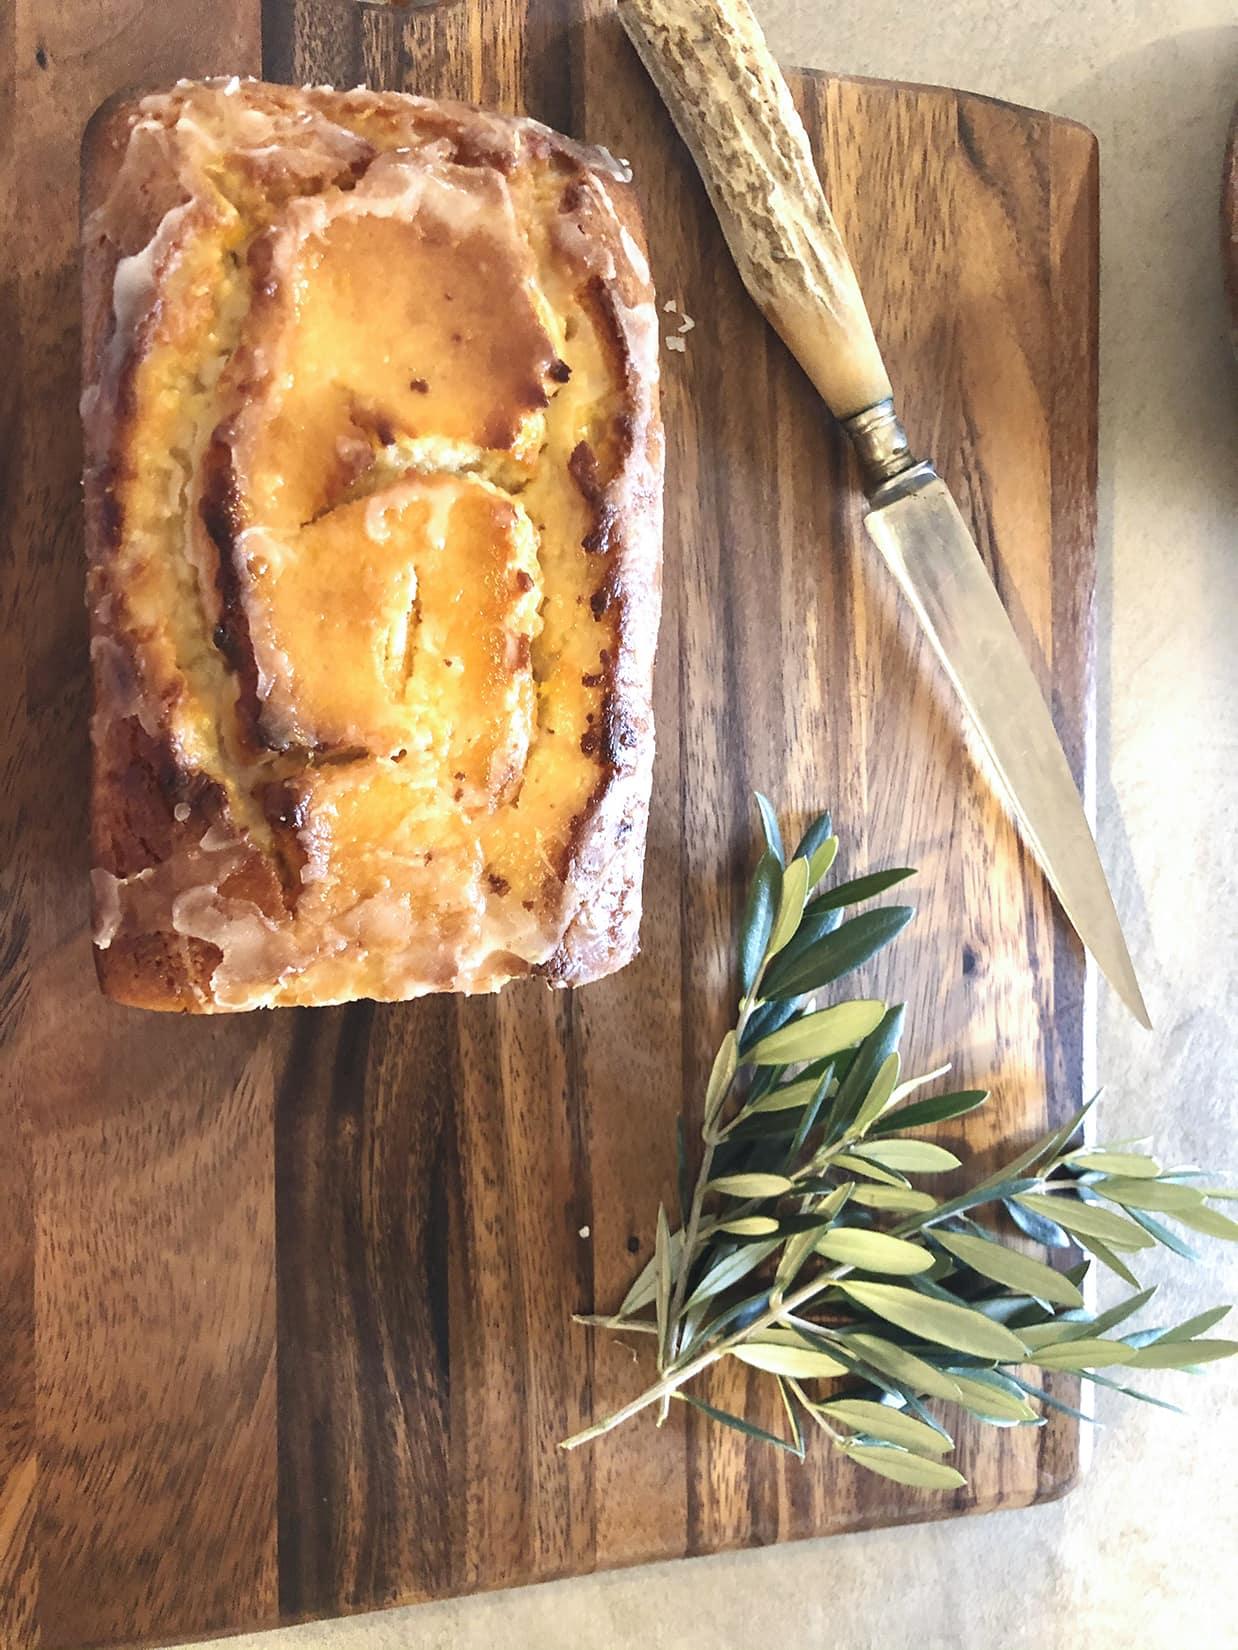 Ina Garten Yogurt Lemon Cake on Cindy Hattersley's blog